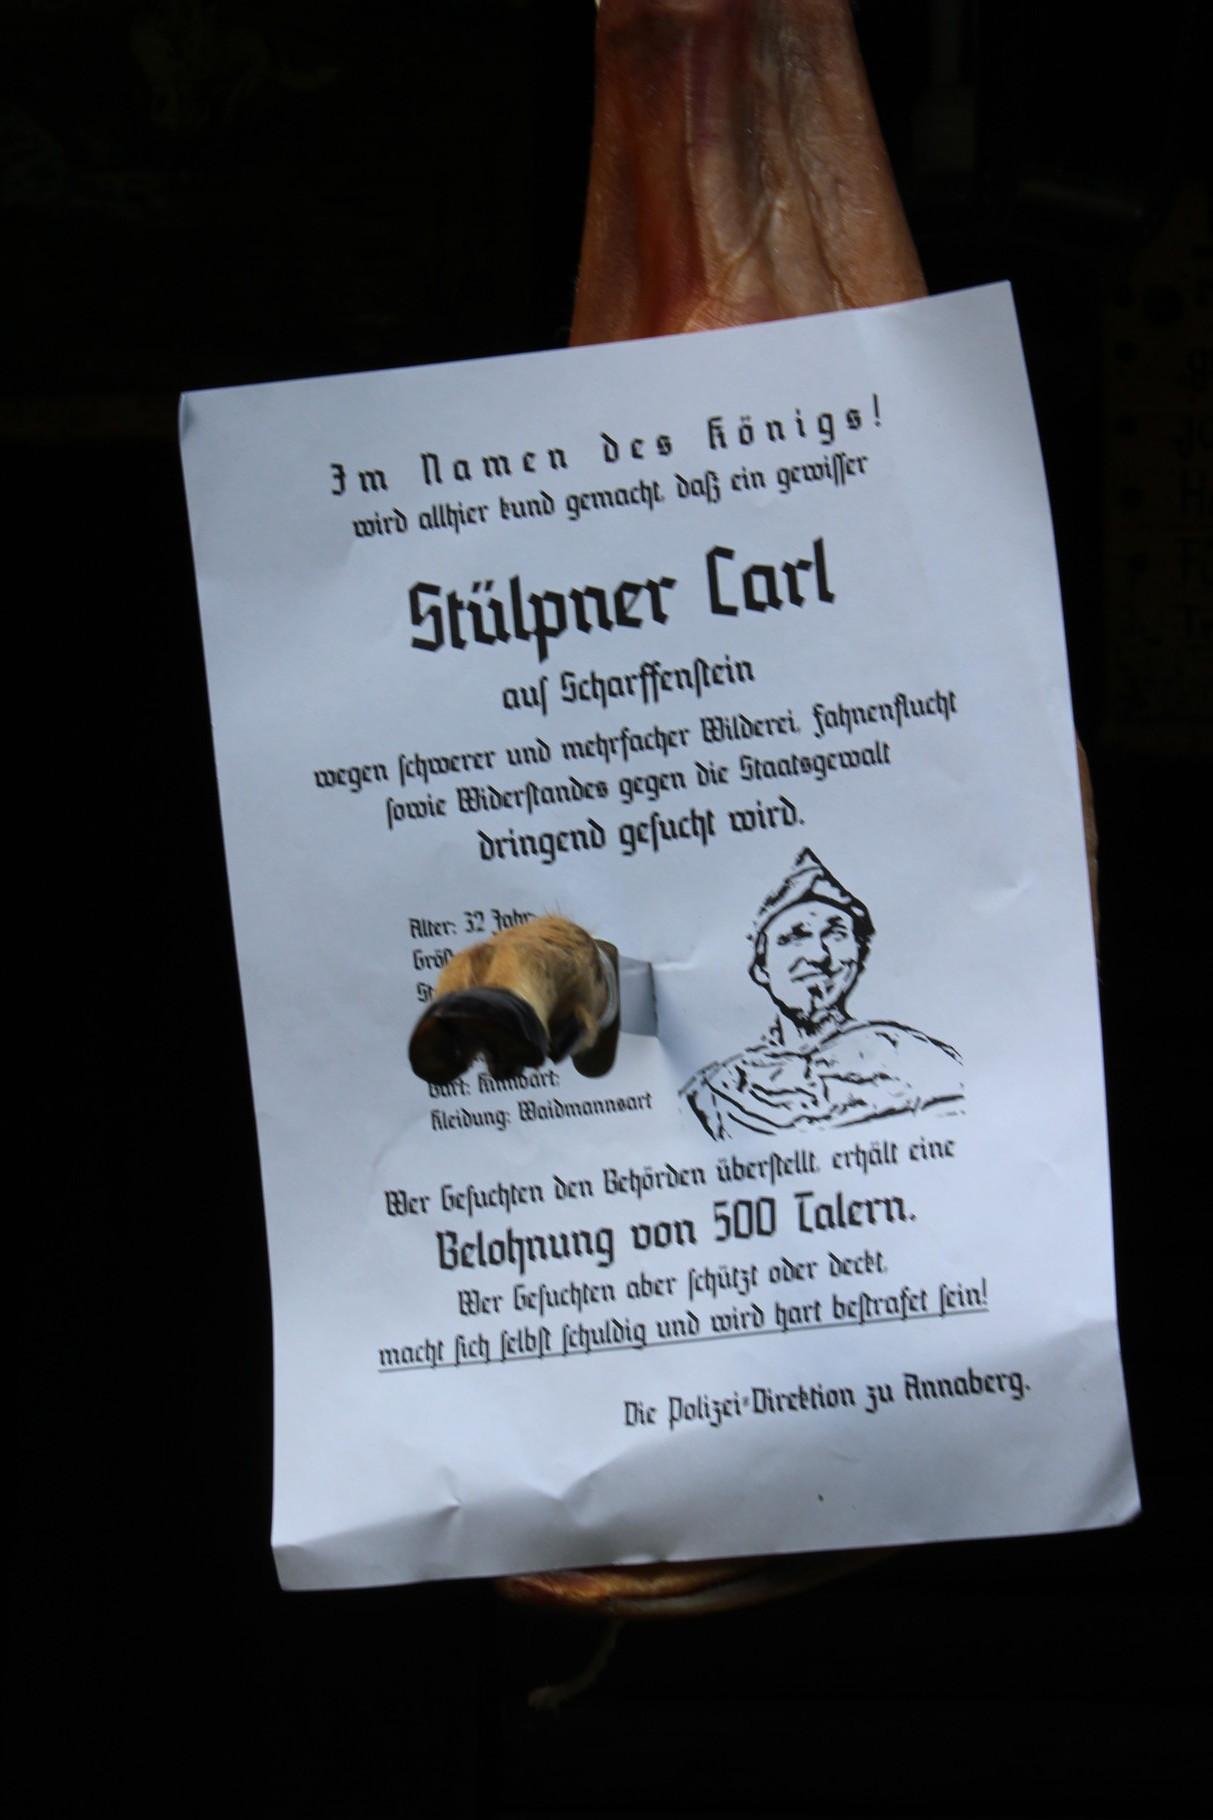 Ärger im Jahr 1795: Der Steckbrief, den die Gemeinschaft von Dörfel in dem von Stülpner gebrachten Schinken findet, verheißt nichts Gutes.